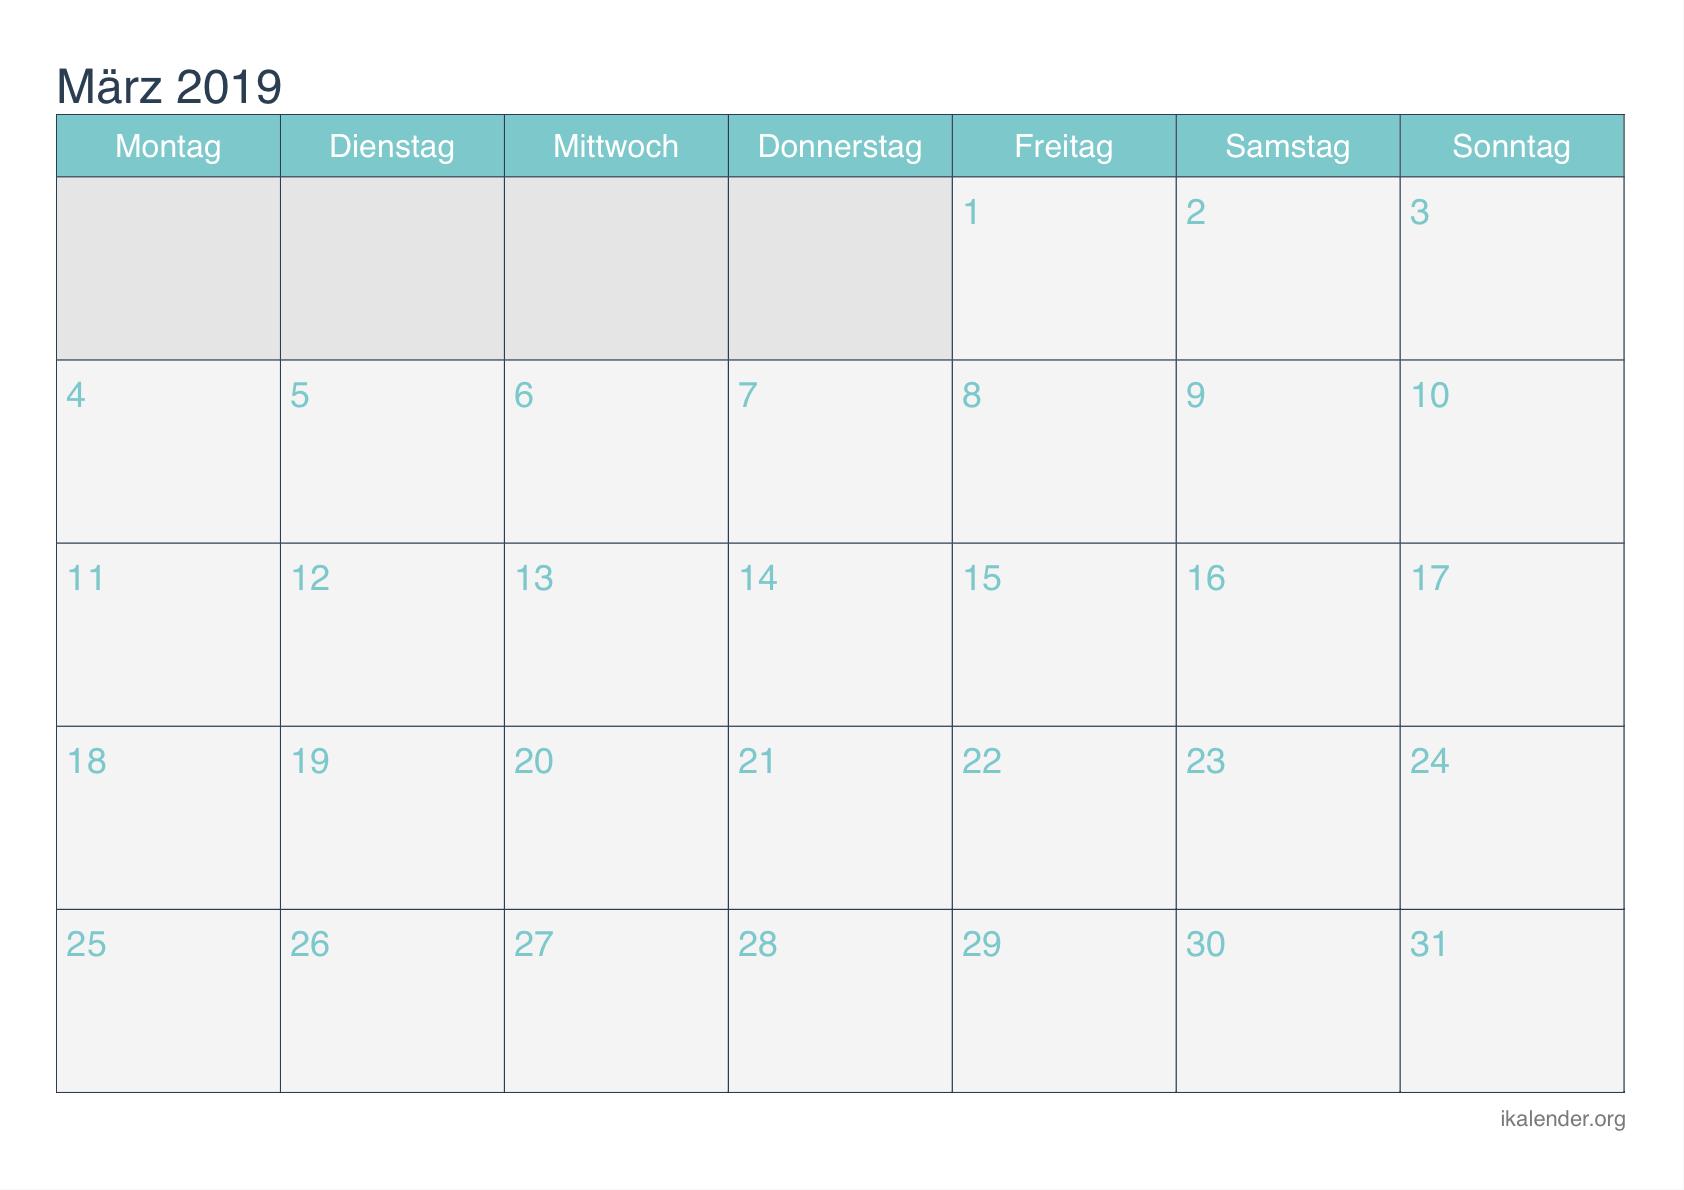 Kostenlose Druckbare Marz Kalender 2019 Calendar Printables Printable Calendar Print Calendar